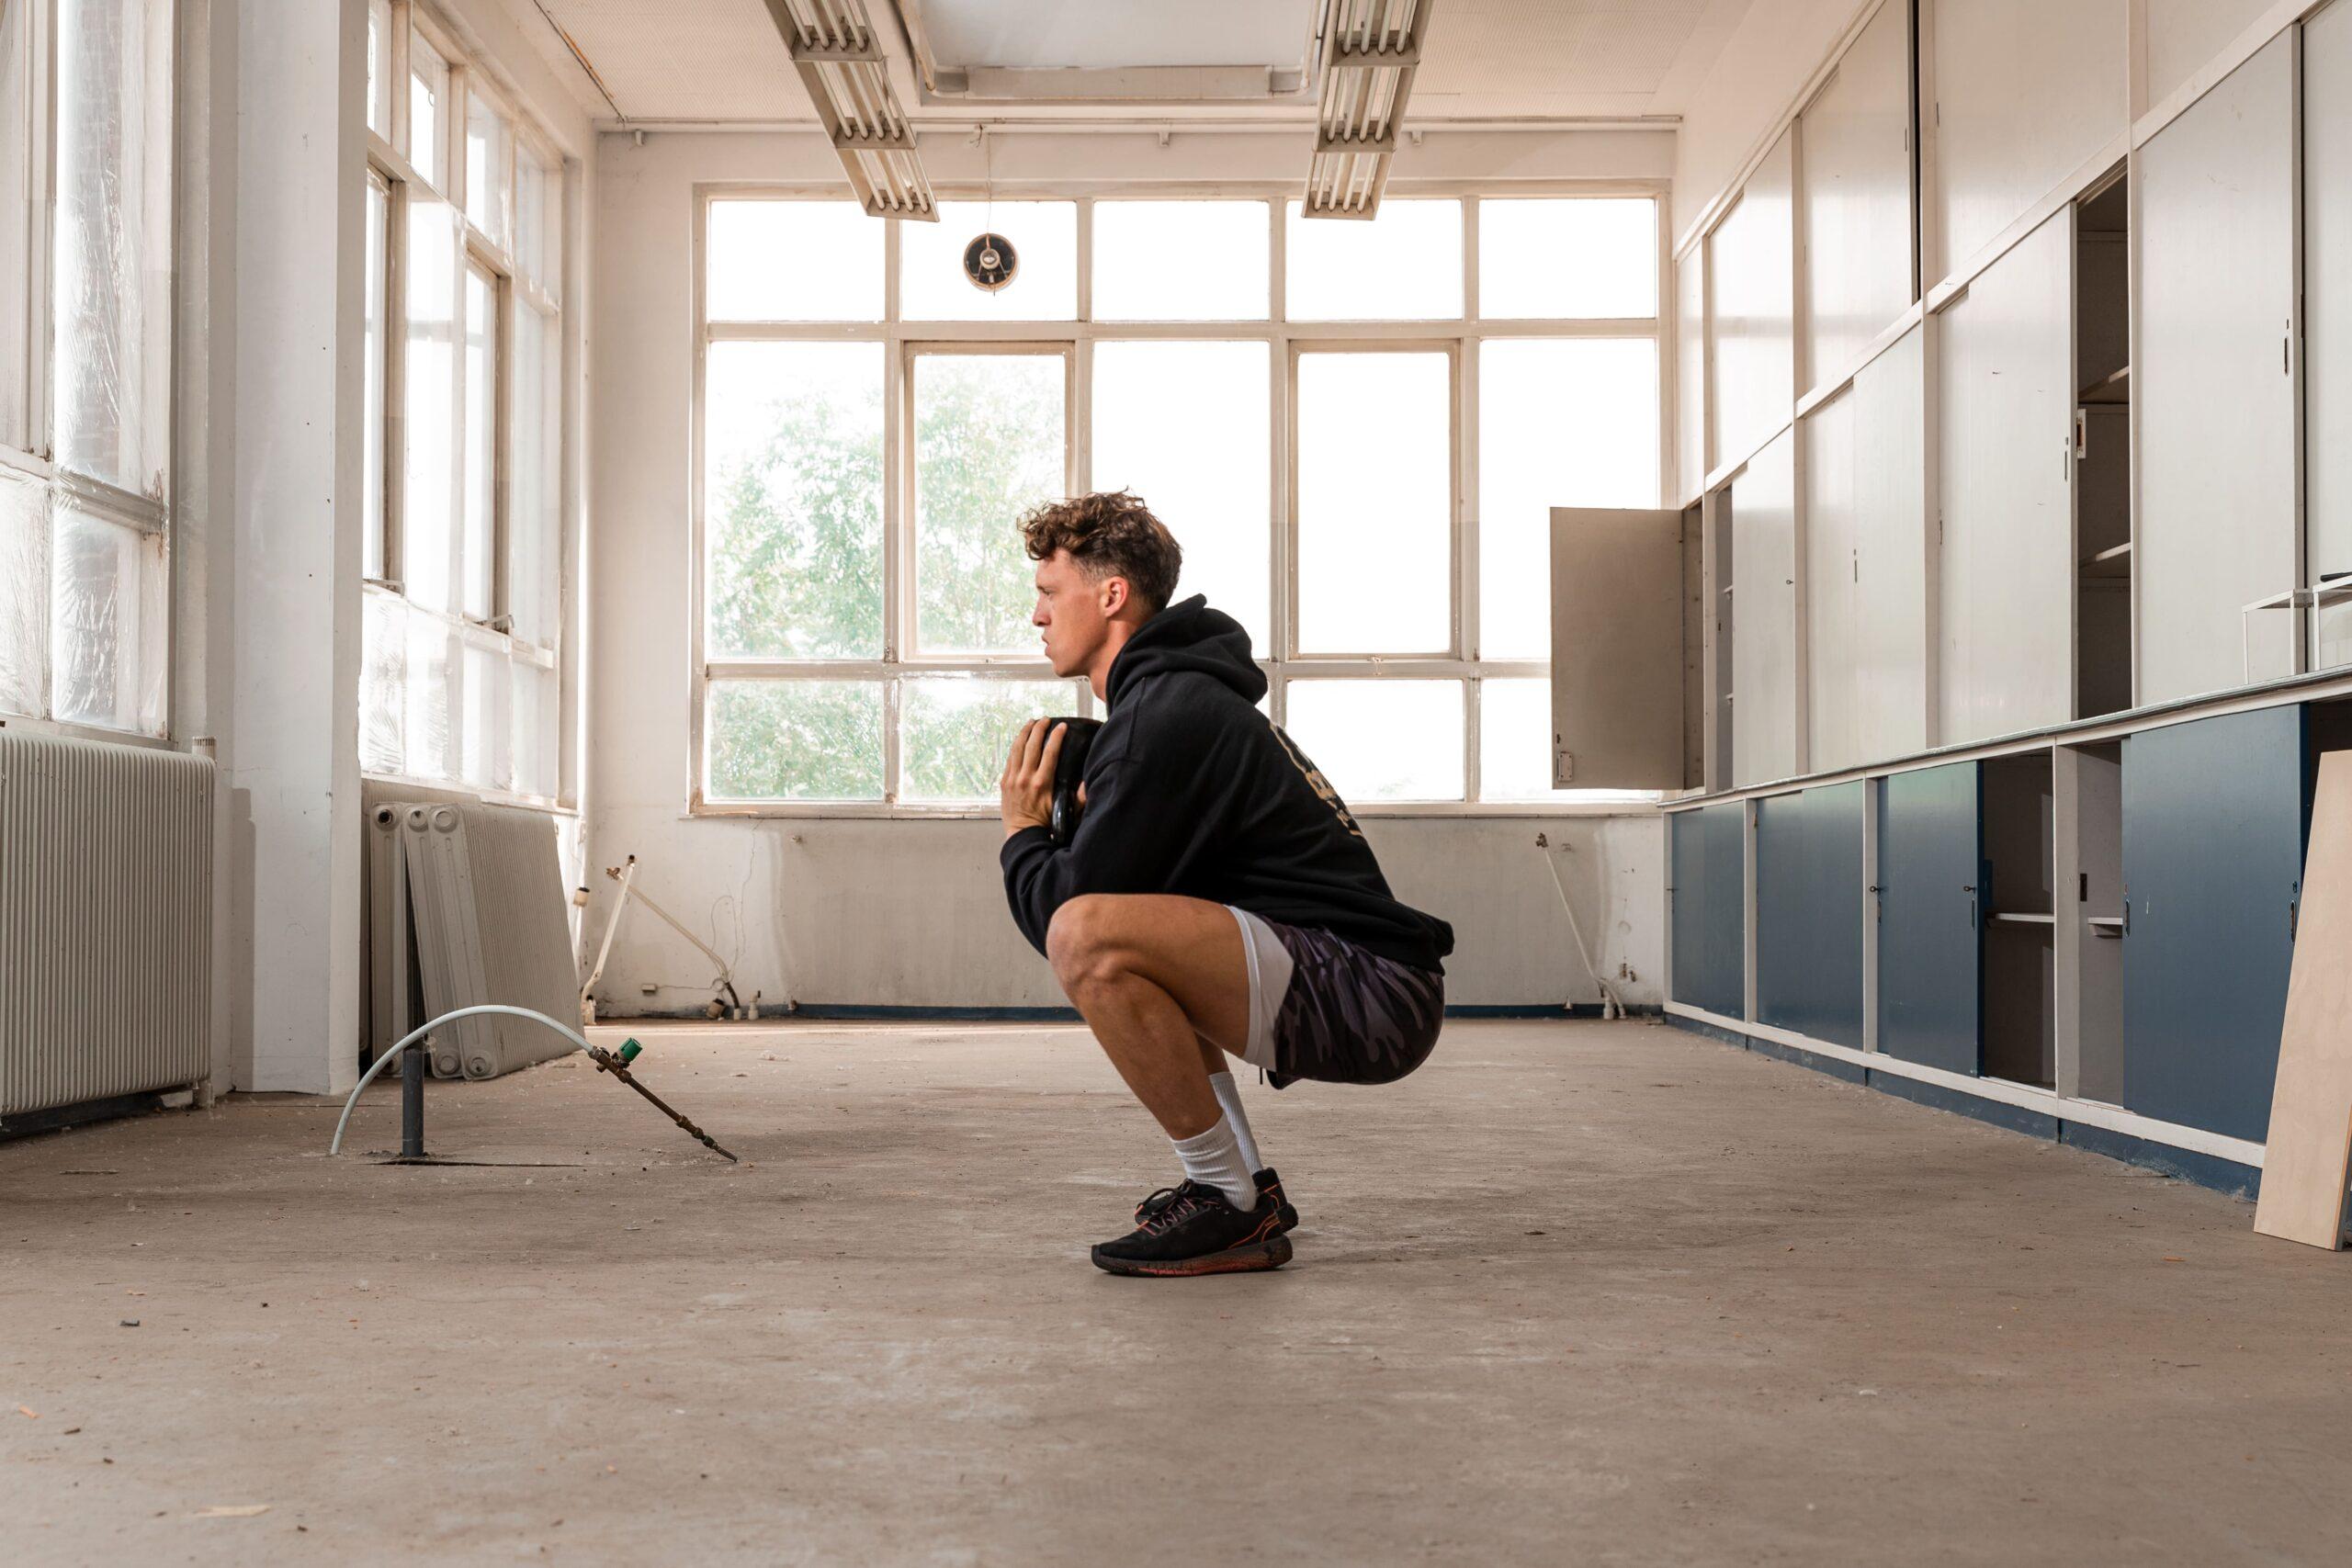 volle billen kettlebell squats